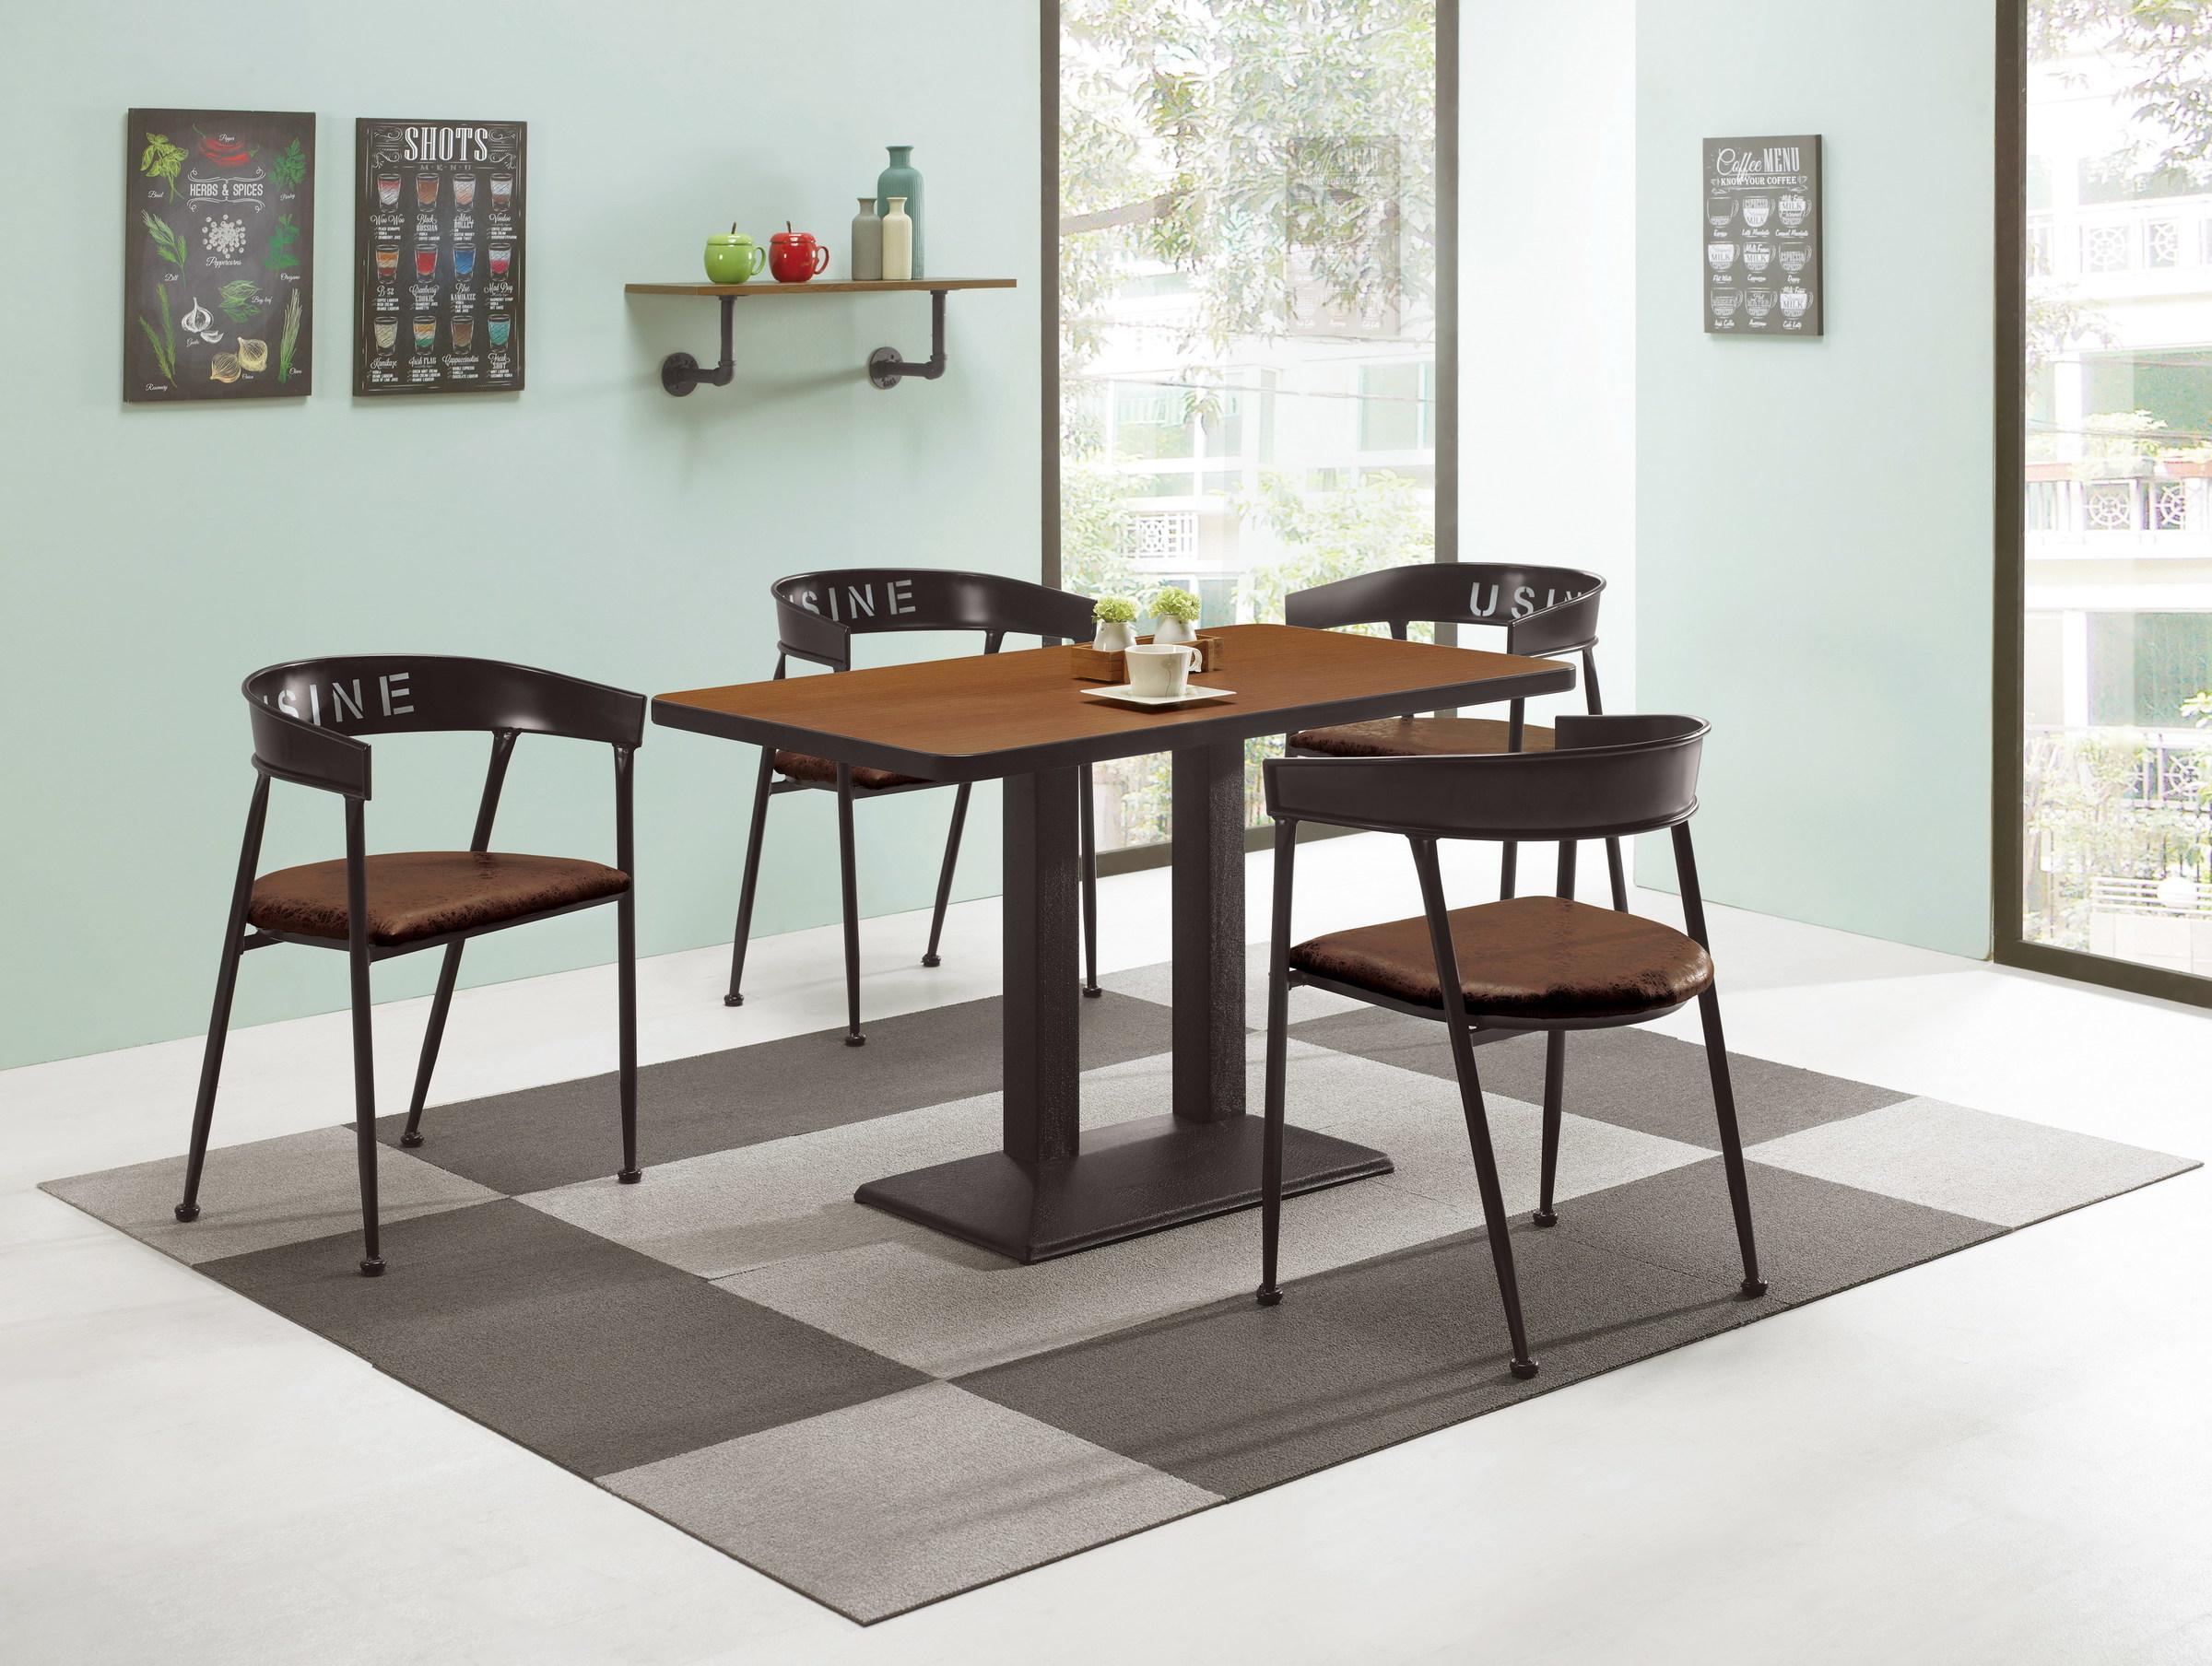 483-2 曼特爾3.5尺商業桌+520-7.jpg